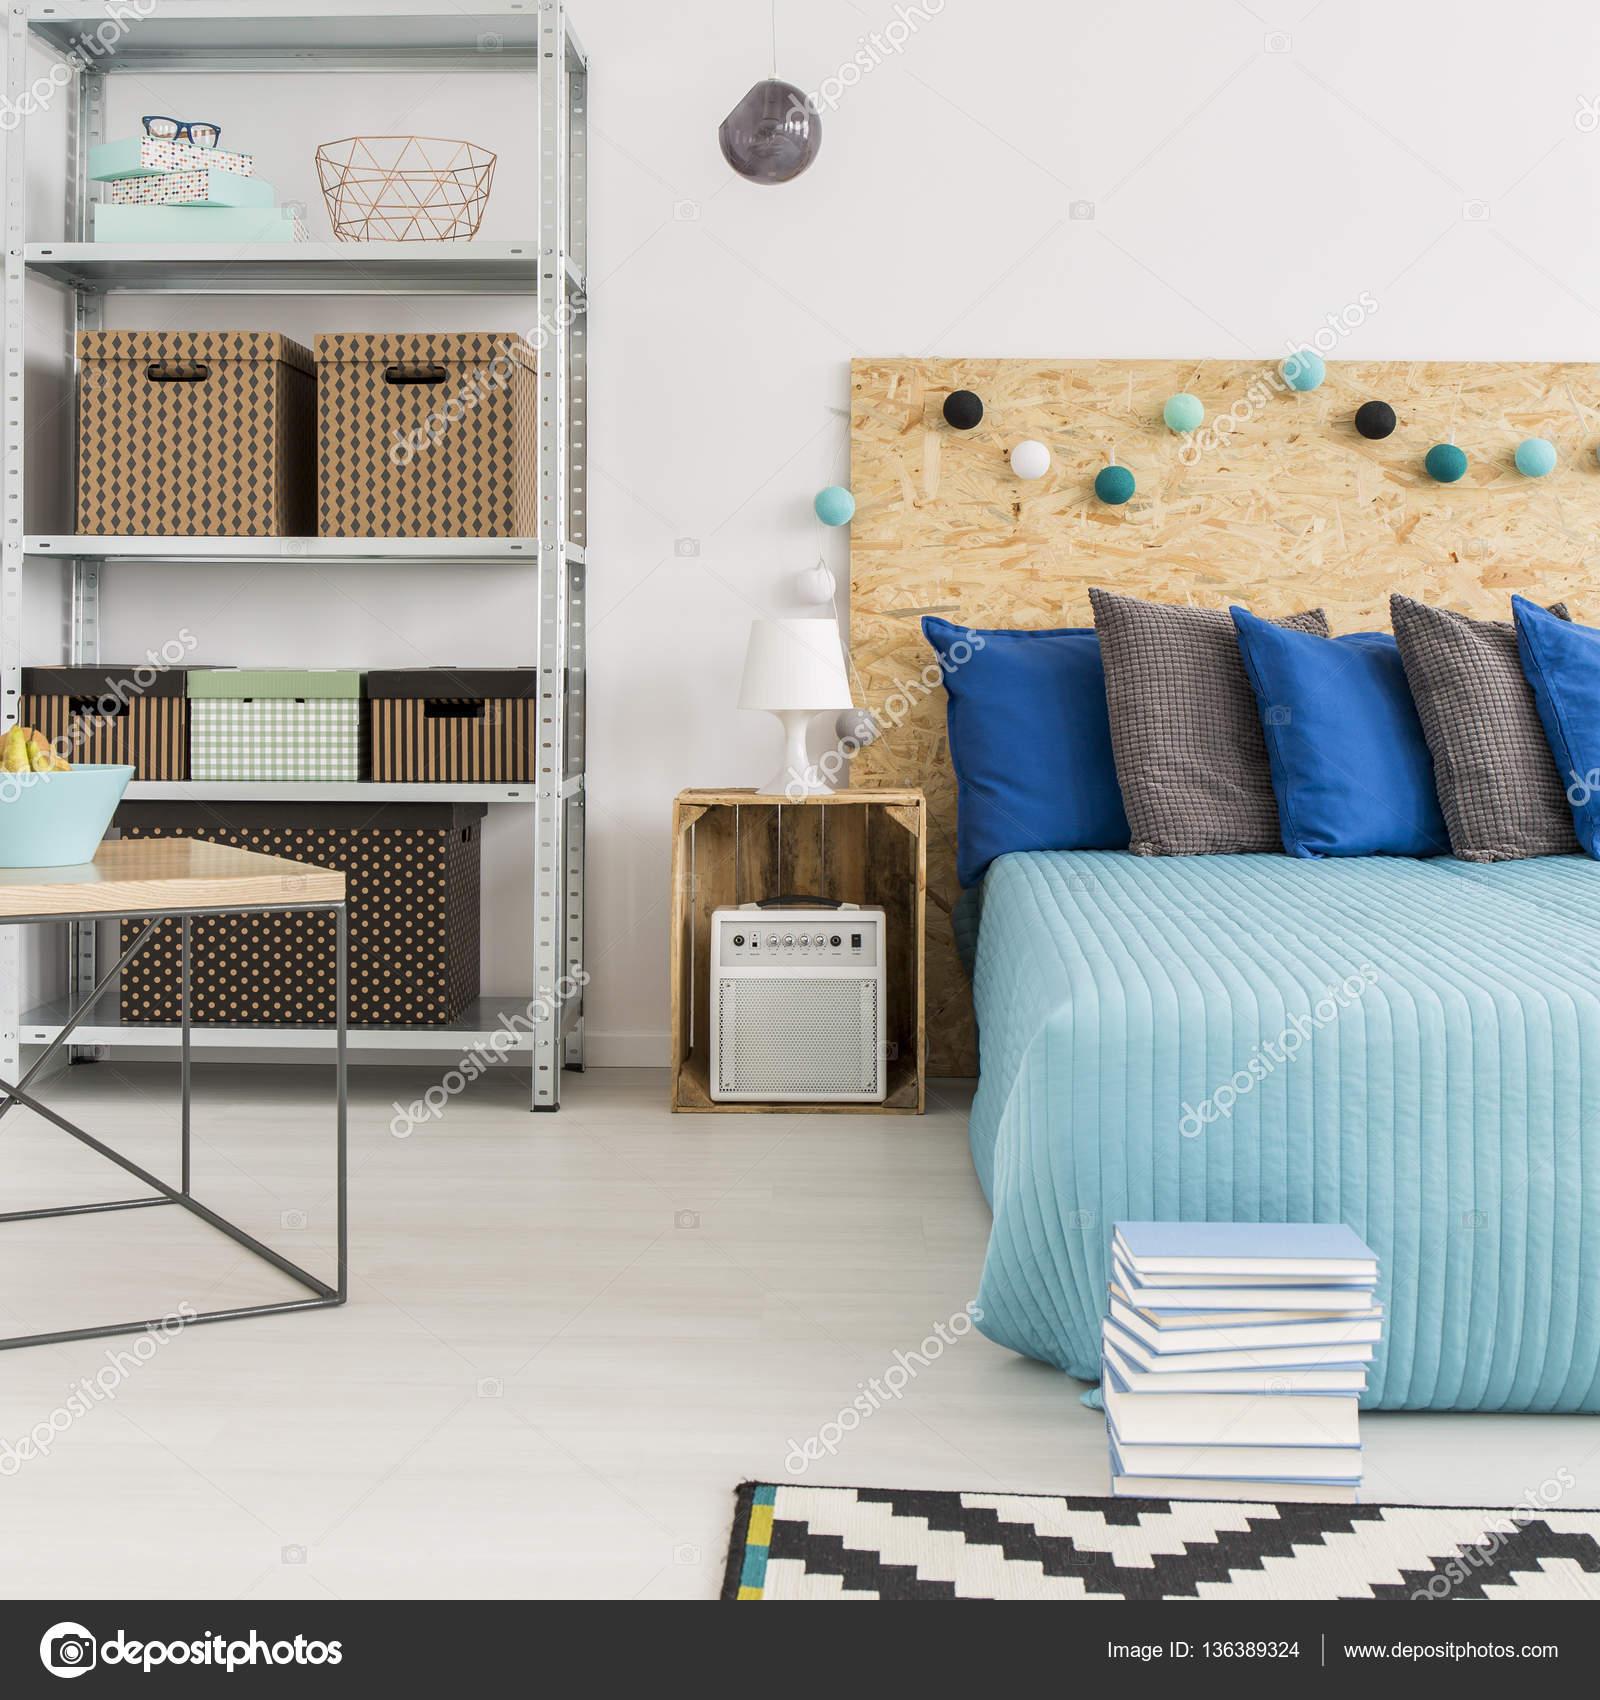 Gut Hipster Schlafzimmer Mit Diy Holzdetails, Muster Teppich Und Hellen Wänden  U2014 Foto Von Photographee.eu